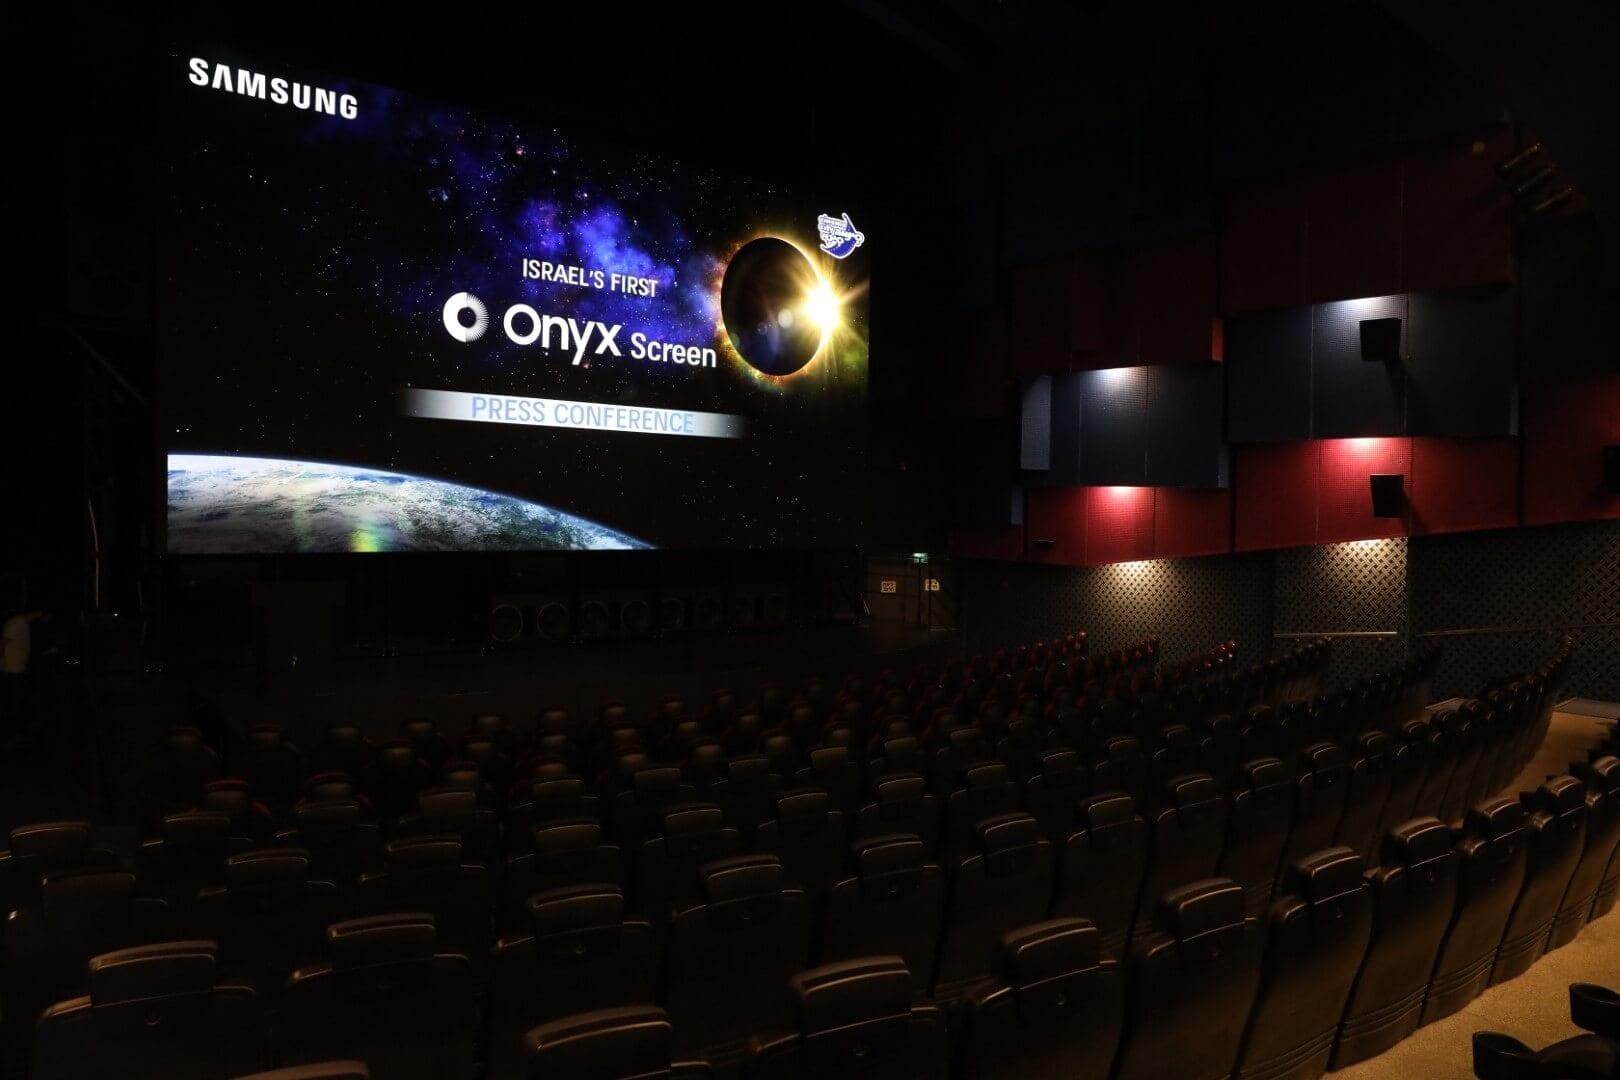 מסך ONYX בסינמה סיטי גלילות